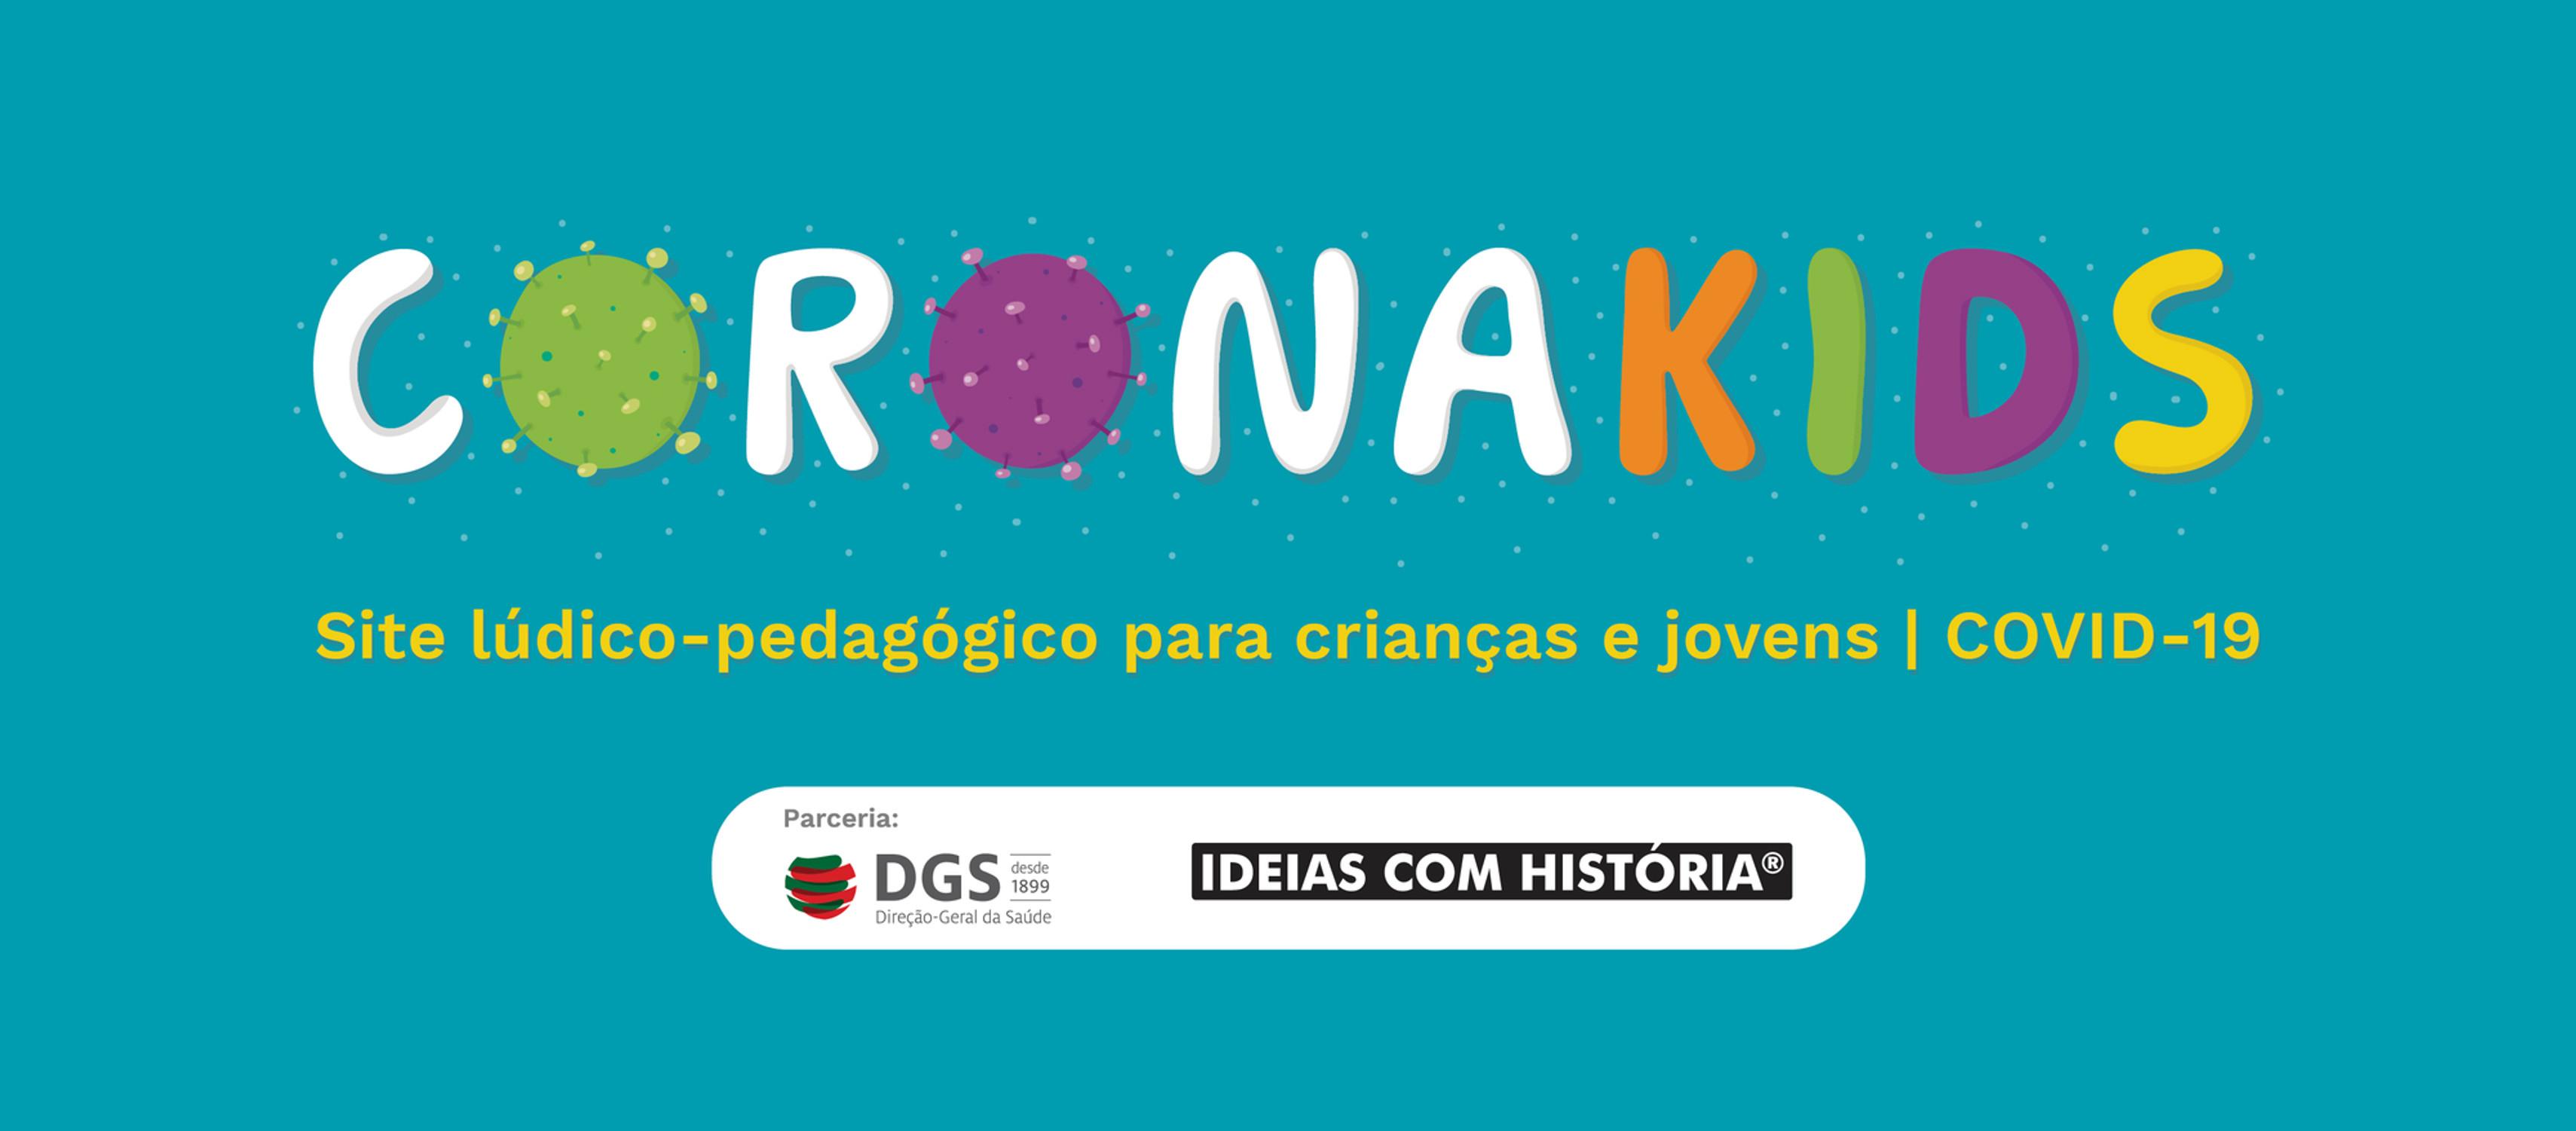 CoronaKids | Site lúdico-pedagógico